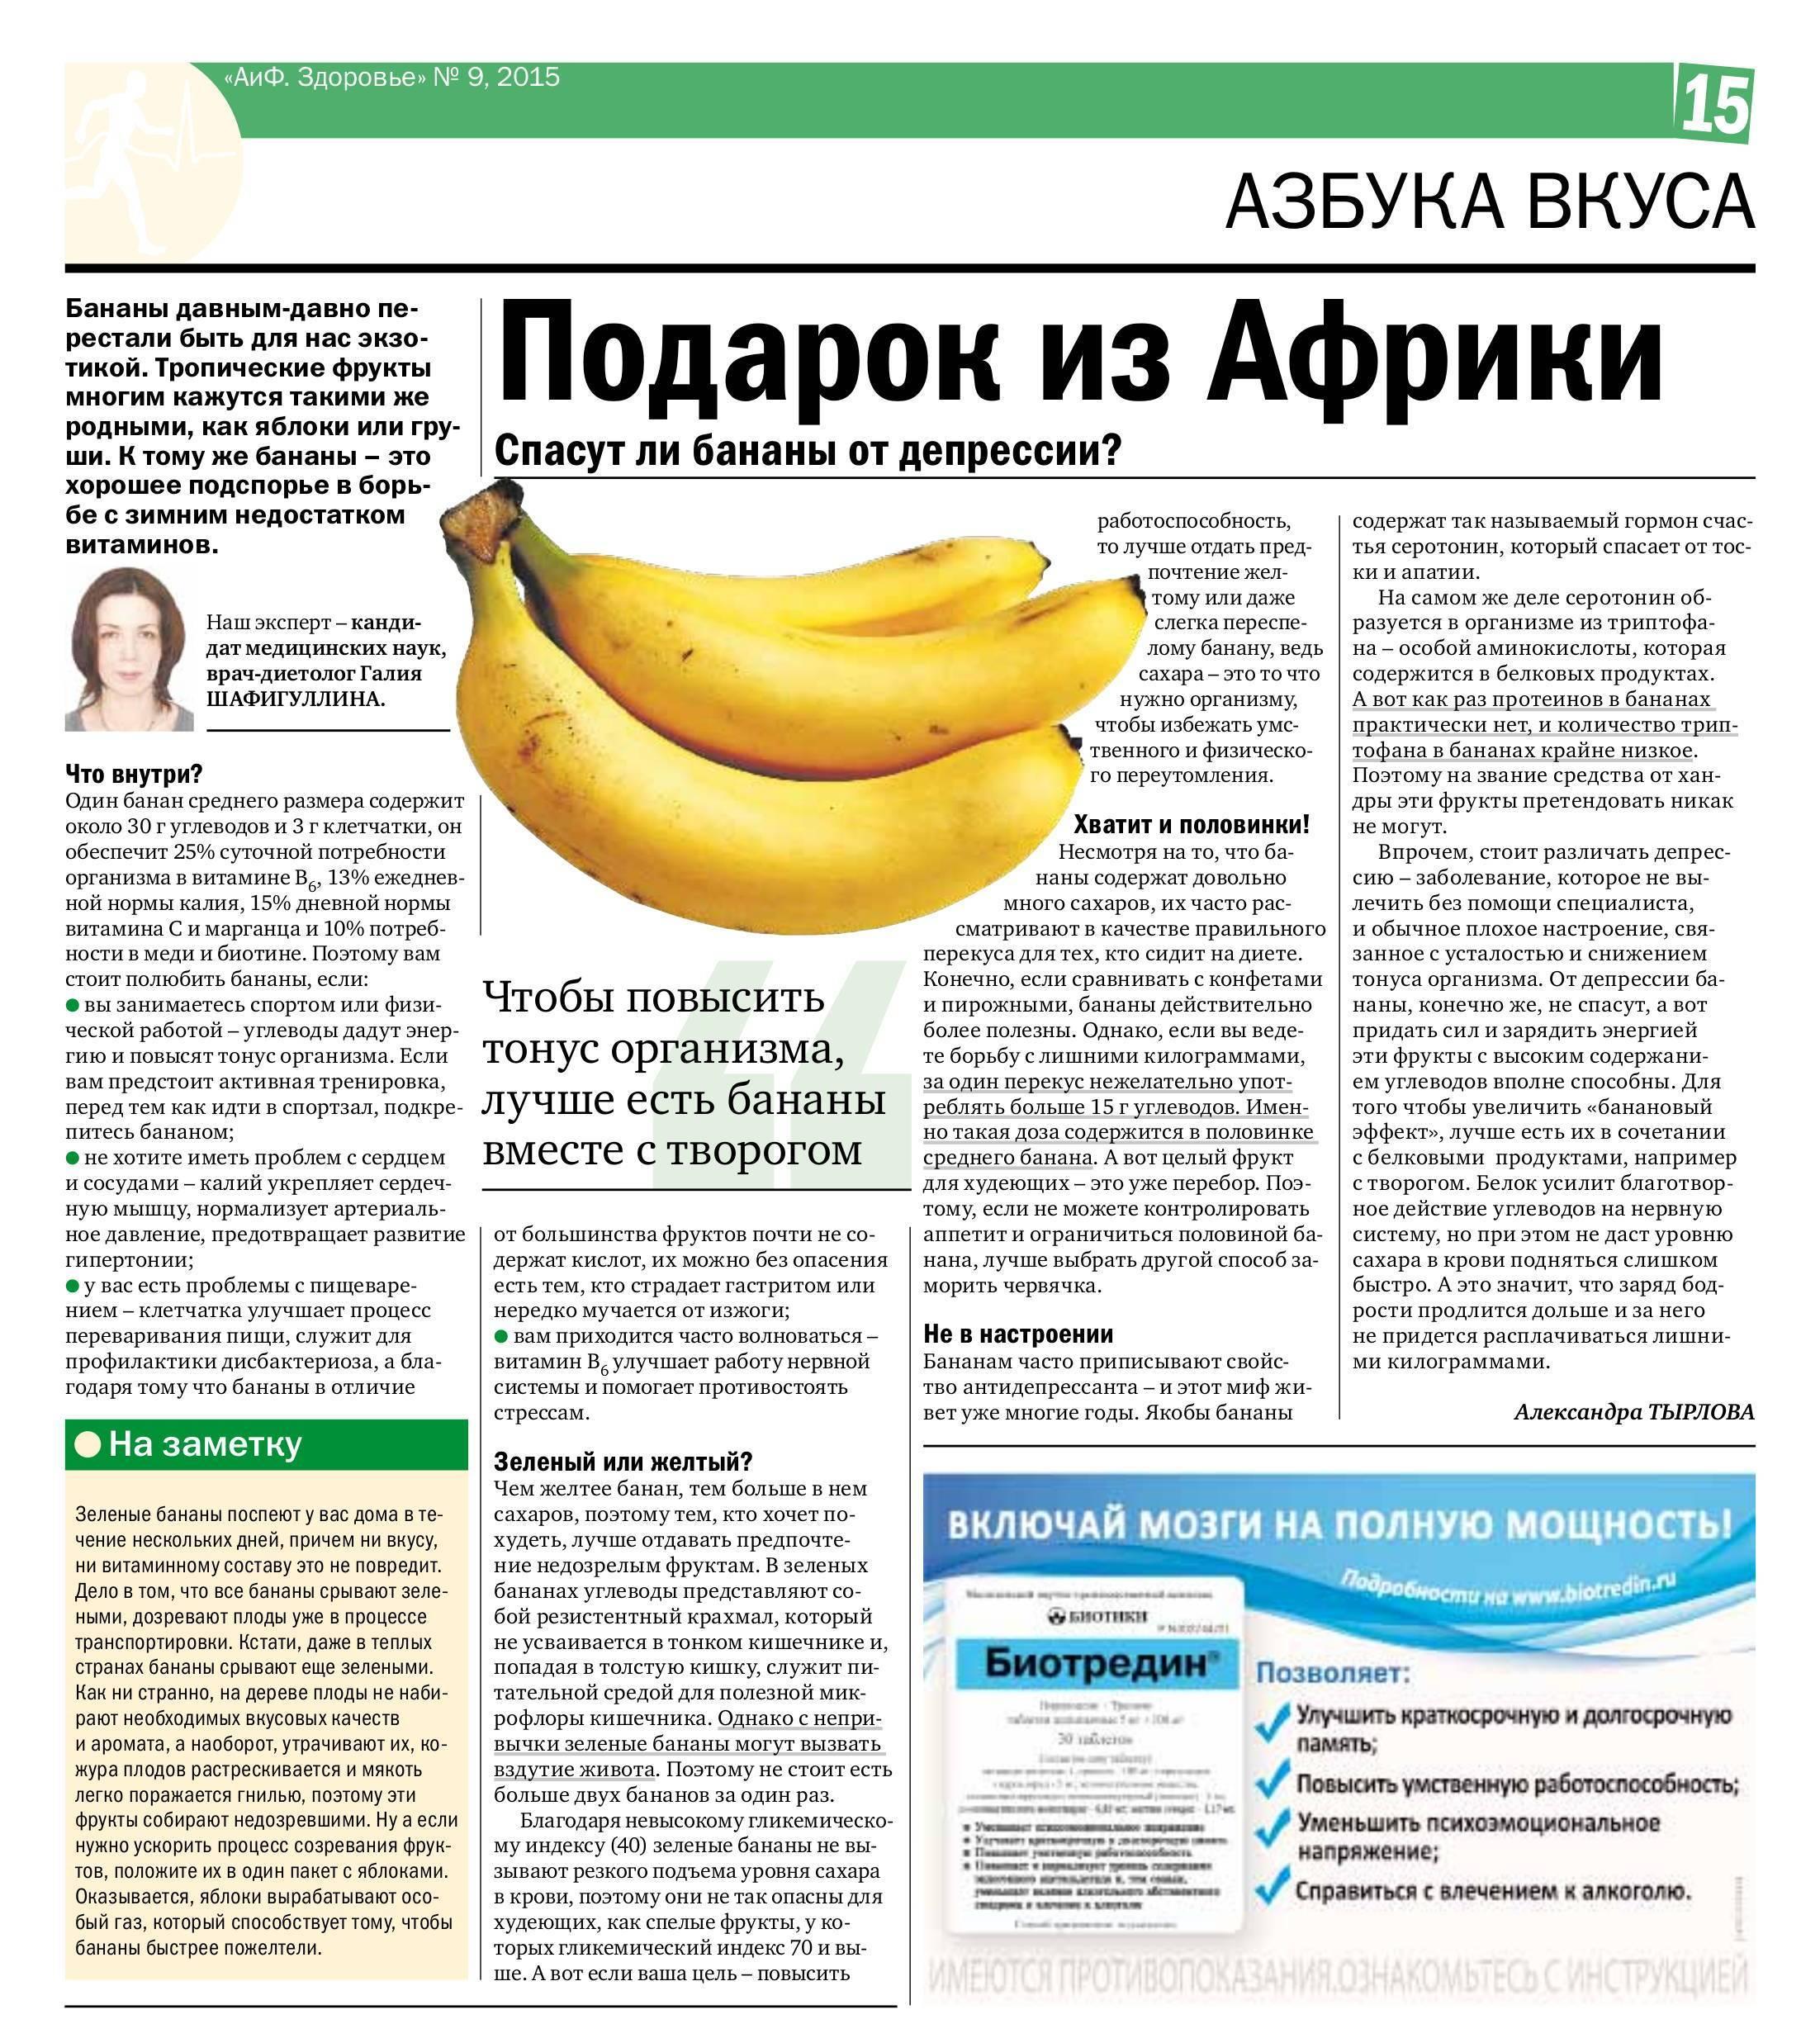 10 научных фактов о пользе бананов и возможном вреде